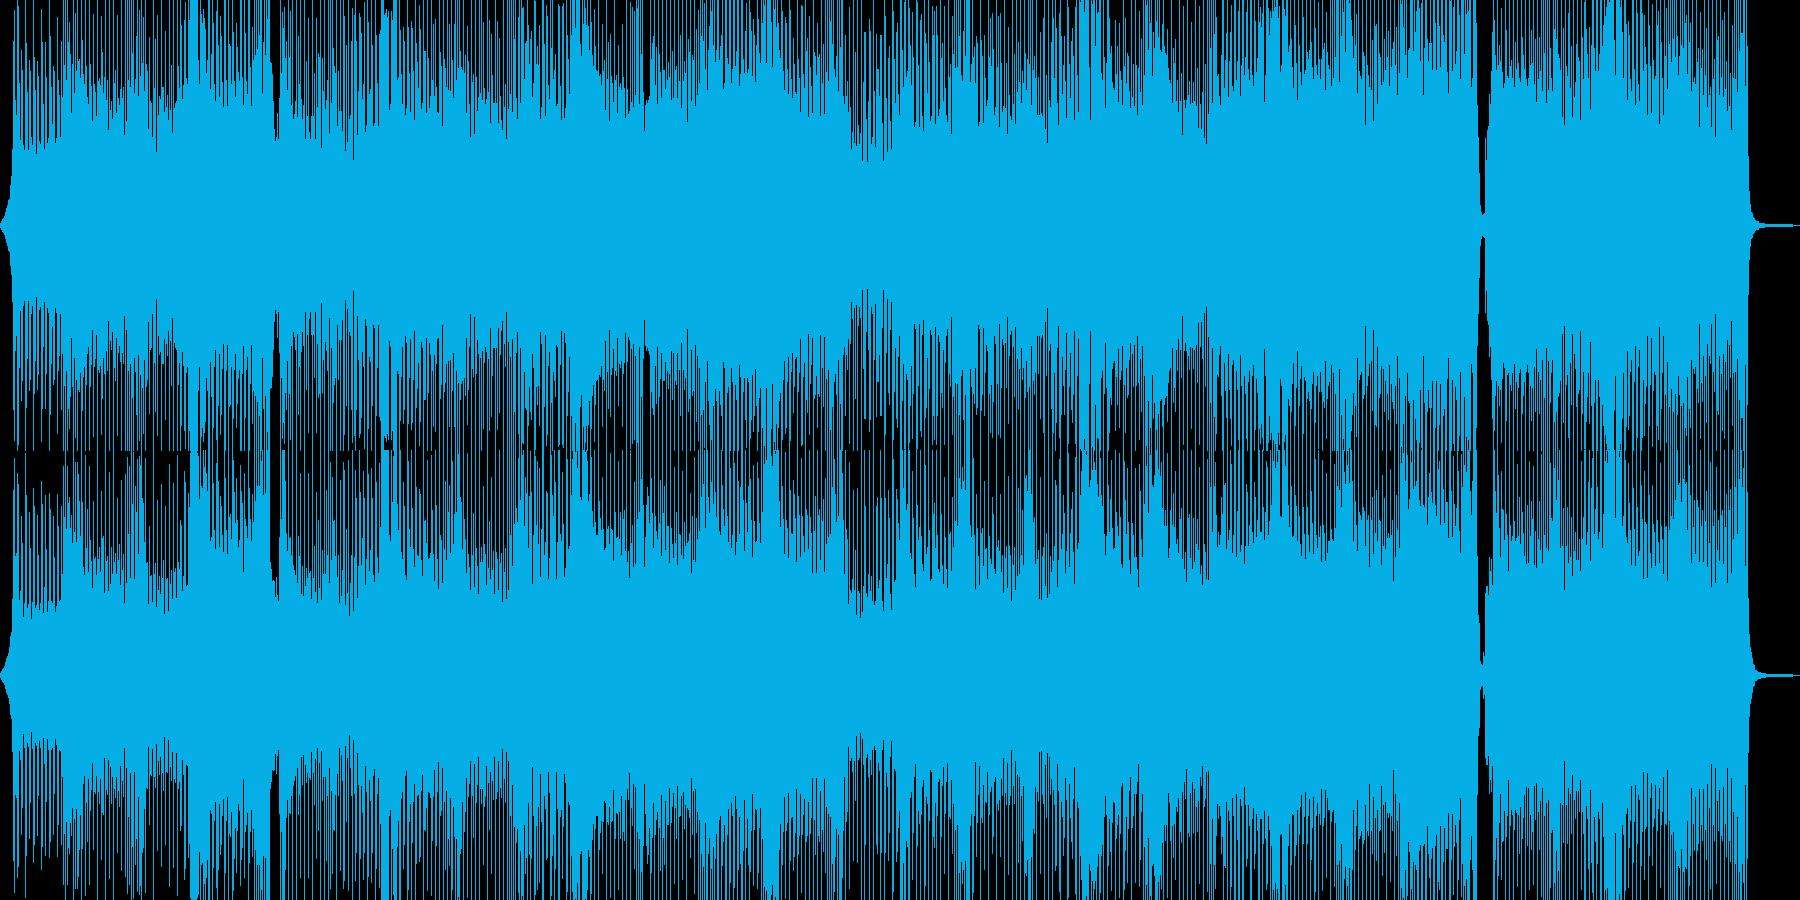 爽やかで出かけたくなるテクノポップ Aの再生済みの波形